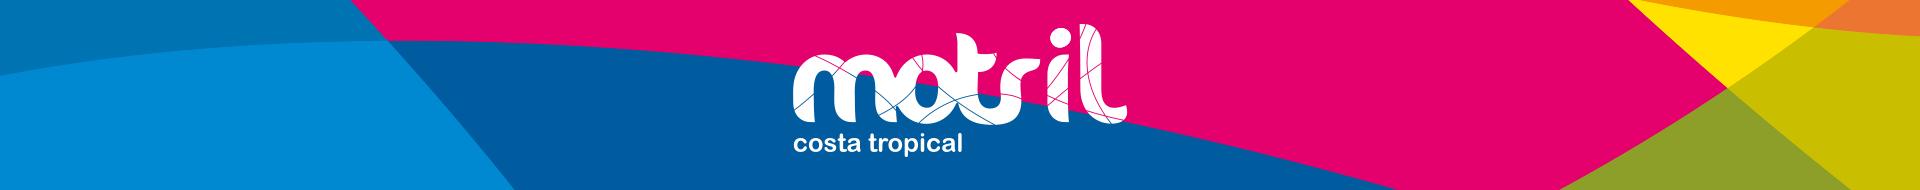 Banner de Motril